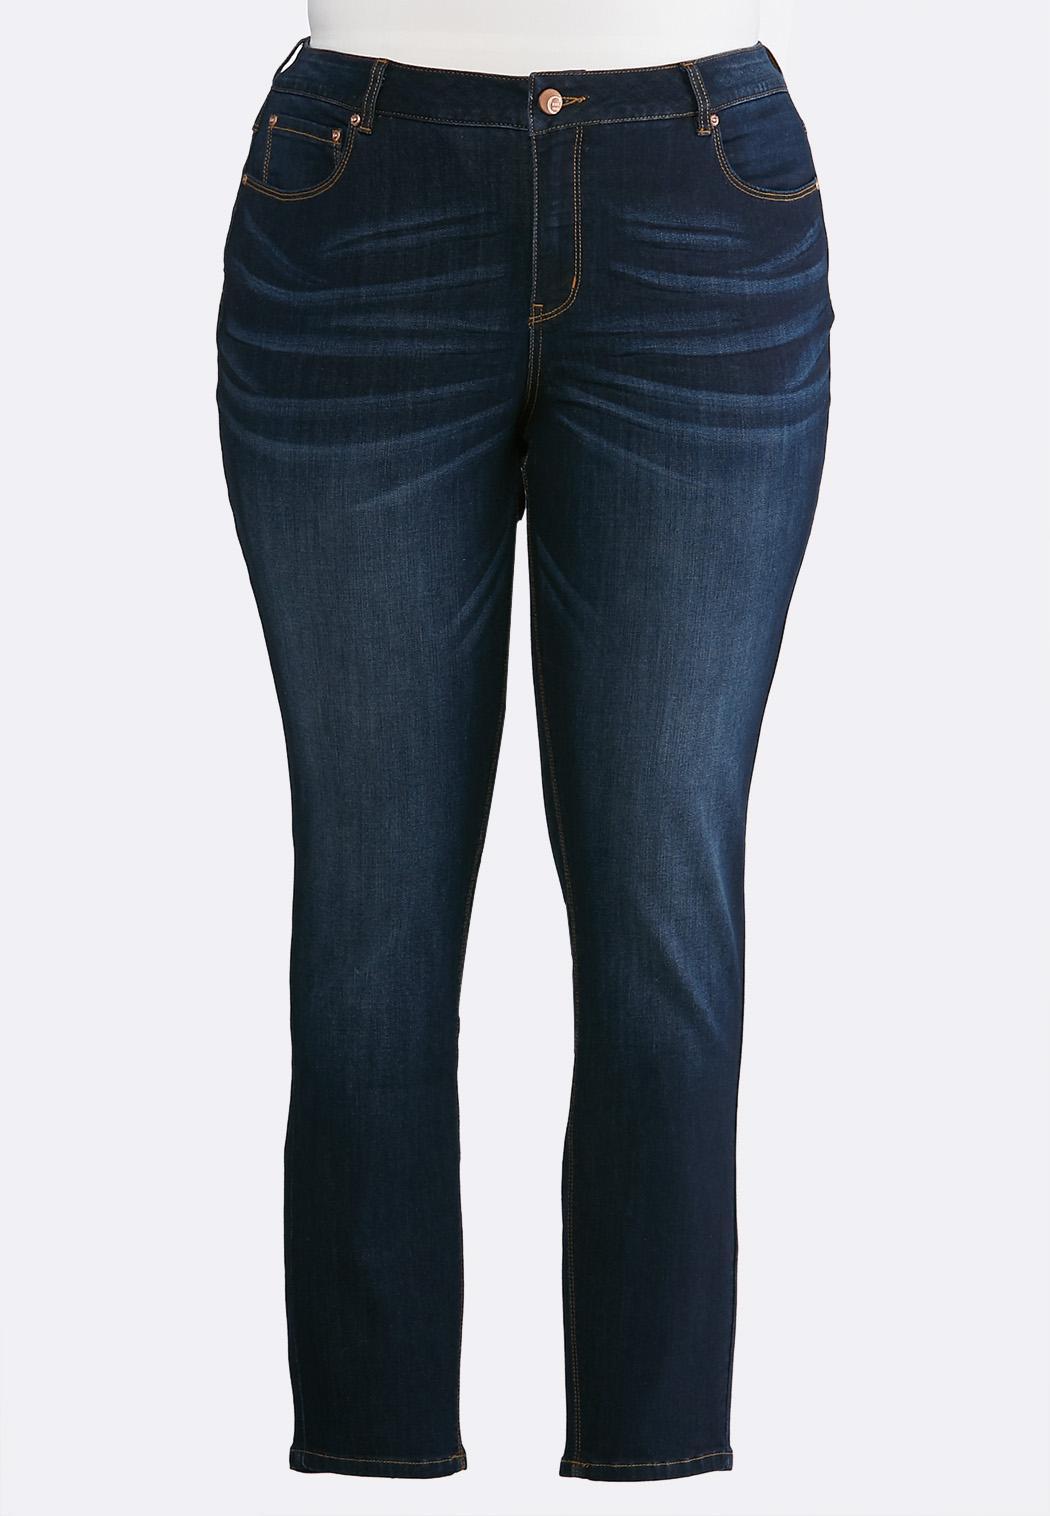 Plus Petite Dark Denim Jeans